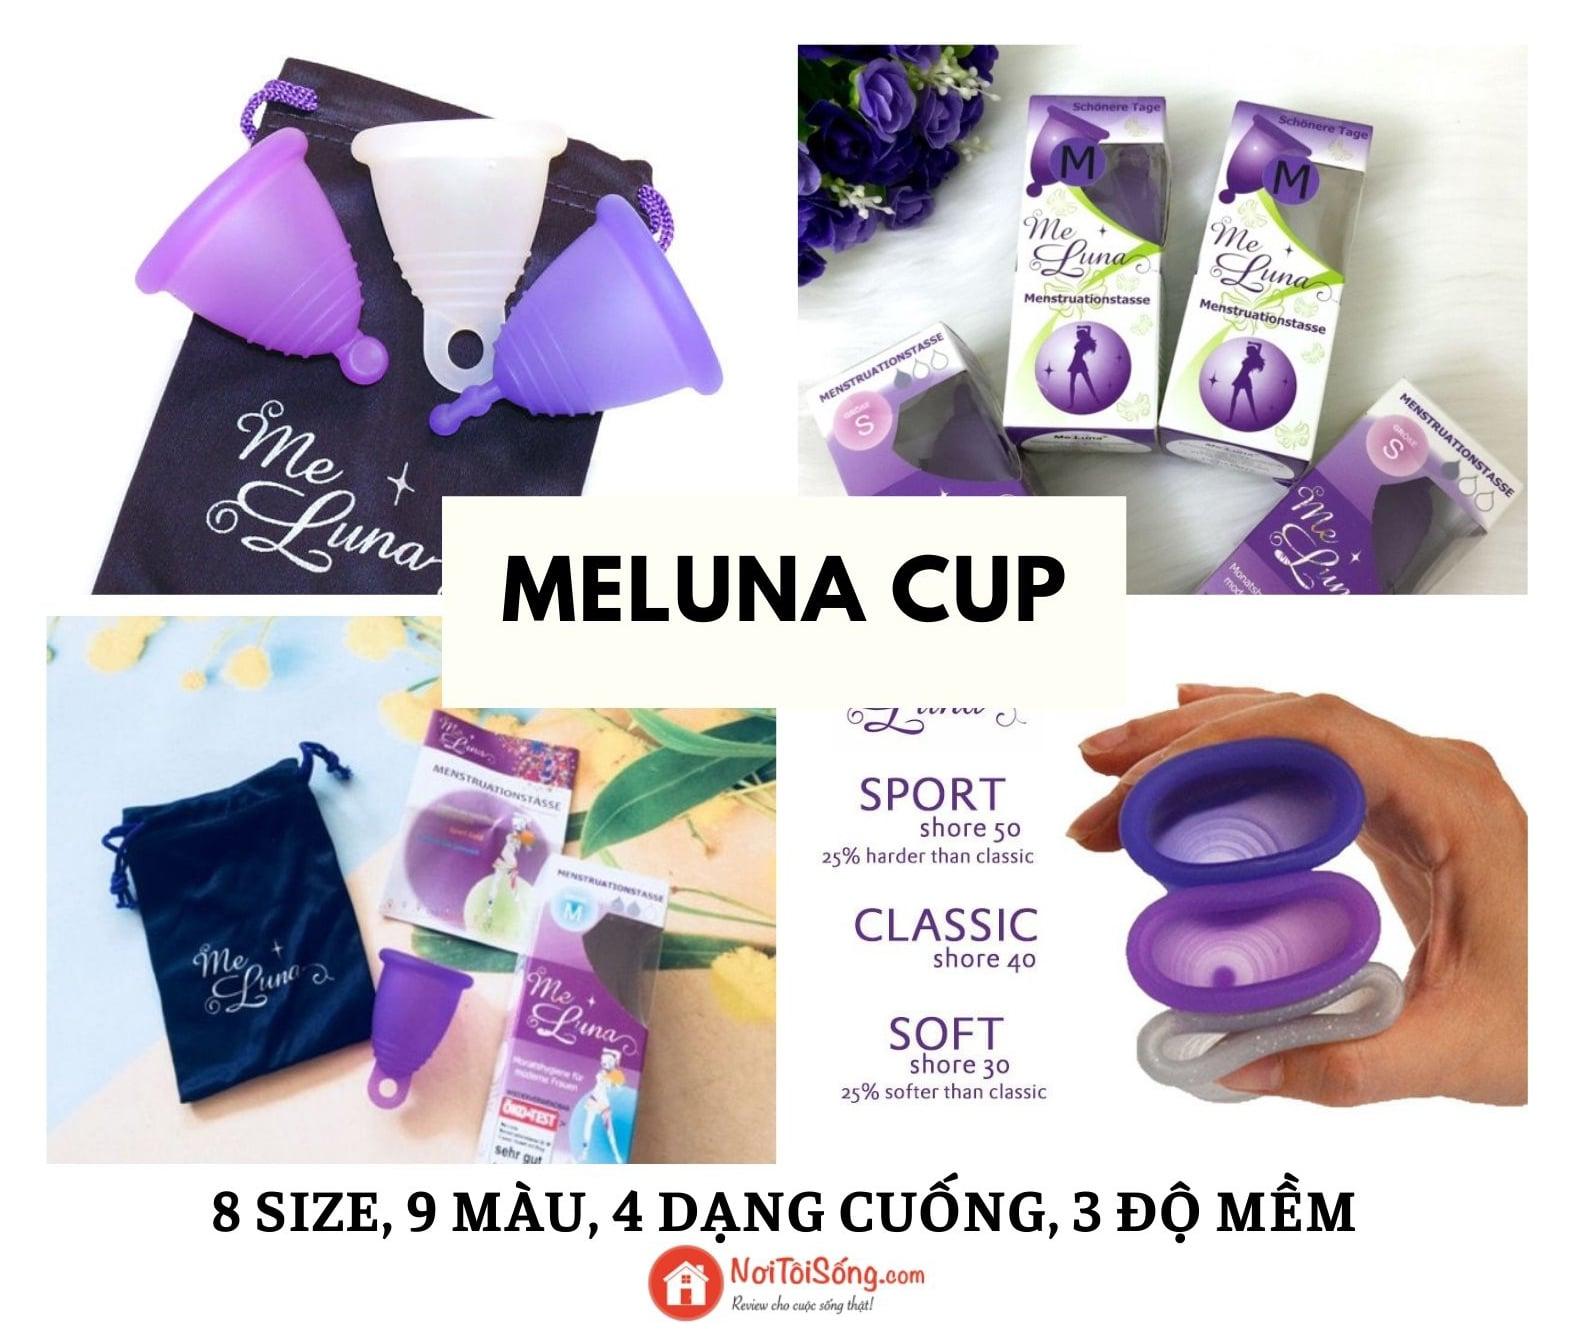 Cốc nguyệt san MeLuna - 8 size, 9 màu, 4 dạng cuống cốc, 3 độ mềm